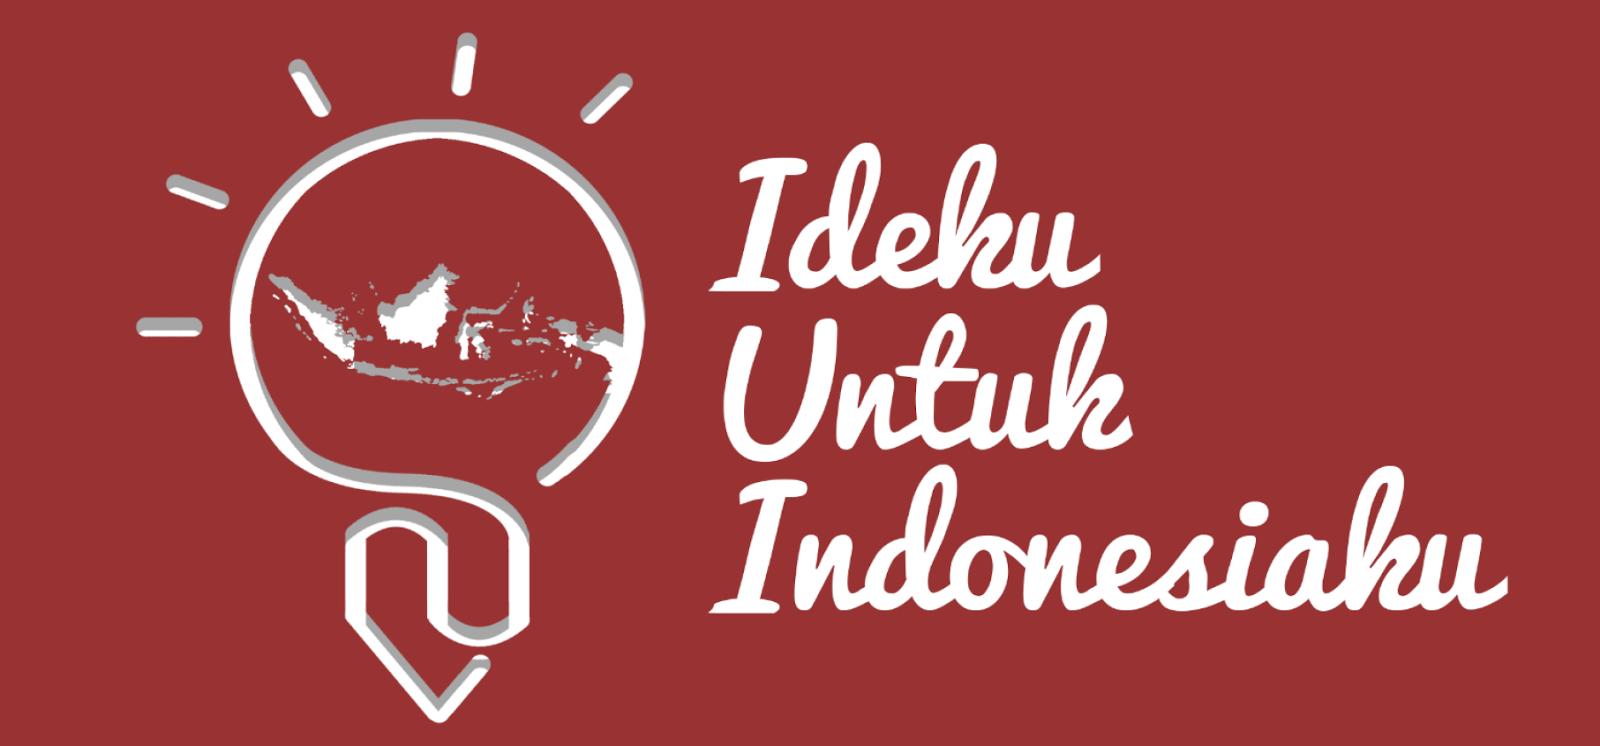 IDEKU UNTUK INDONESIAKU